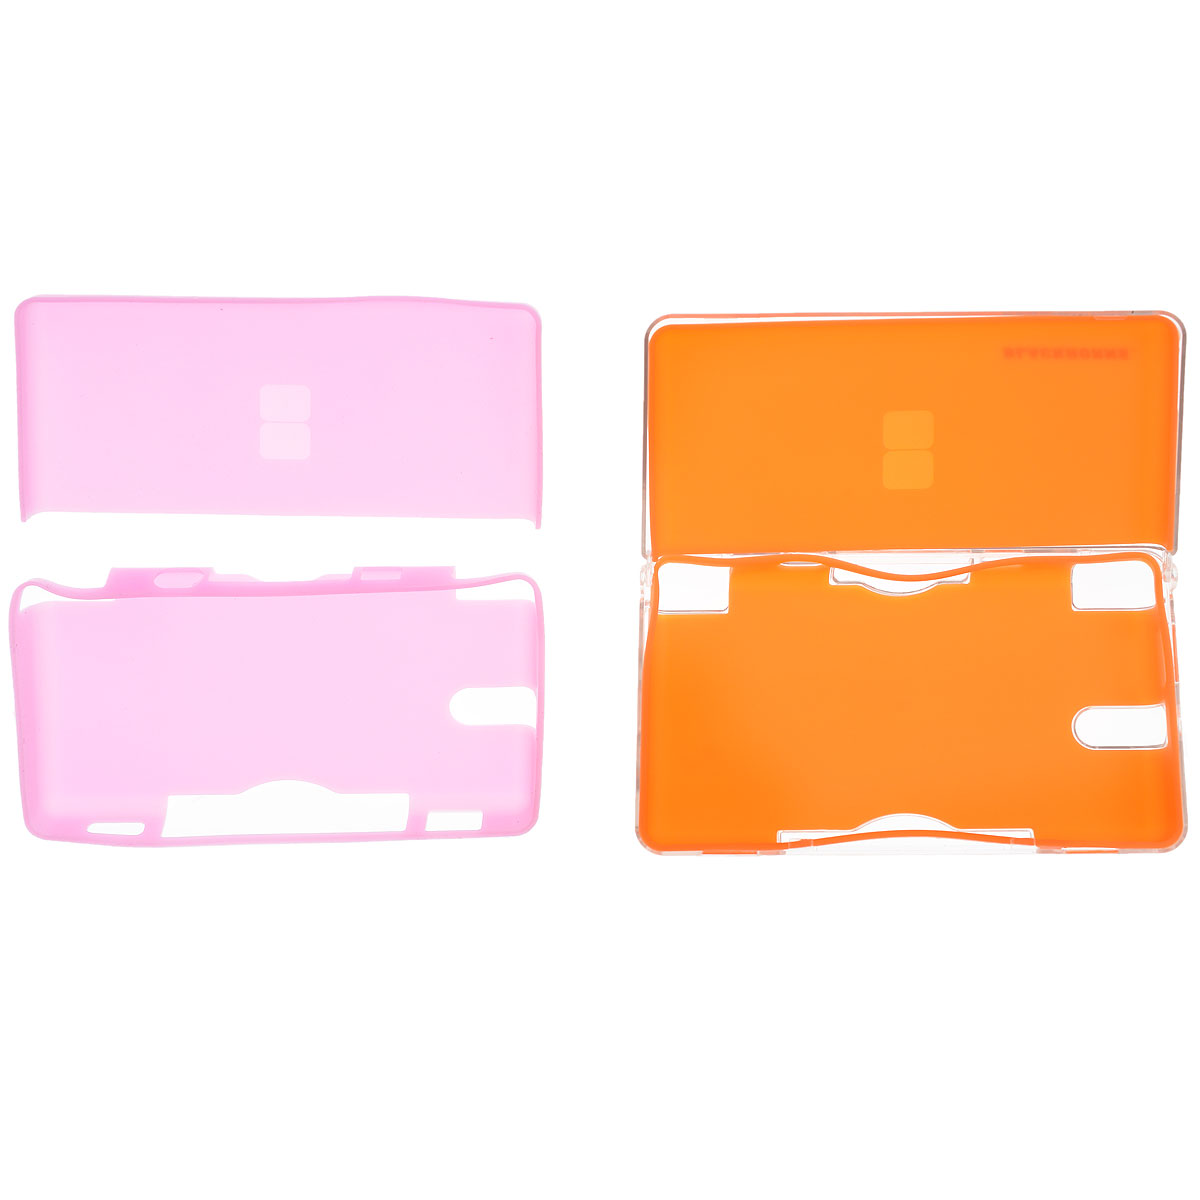 Пластиковый корпус Black Horns с двумя комплектами силиконовых вклдышей для DS Lite (розовый, оранжевый)